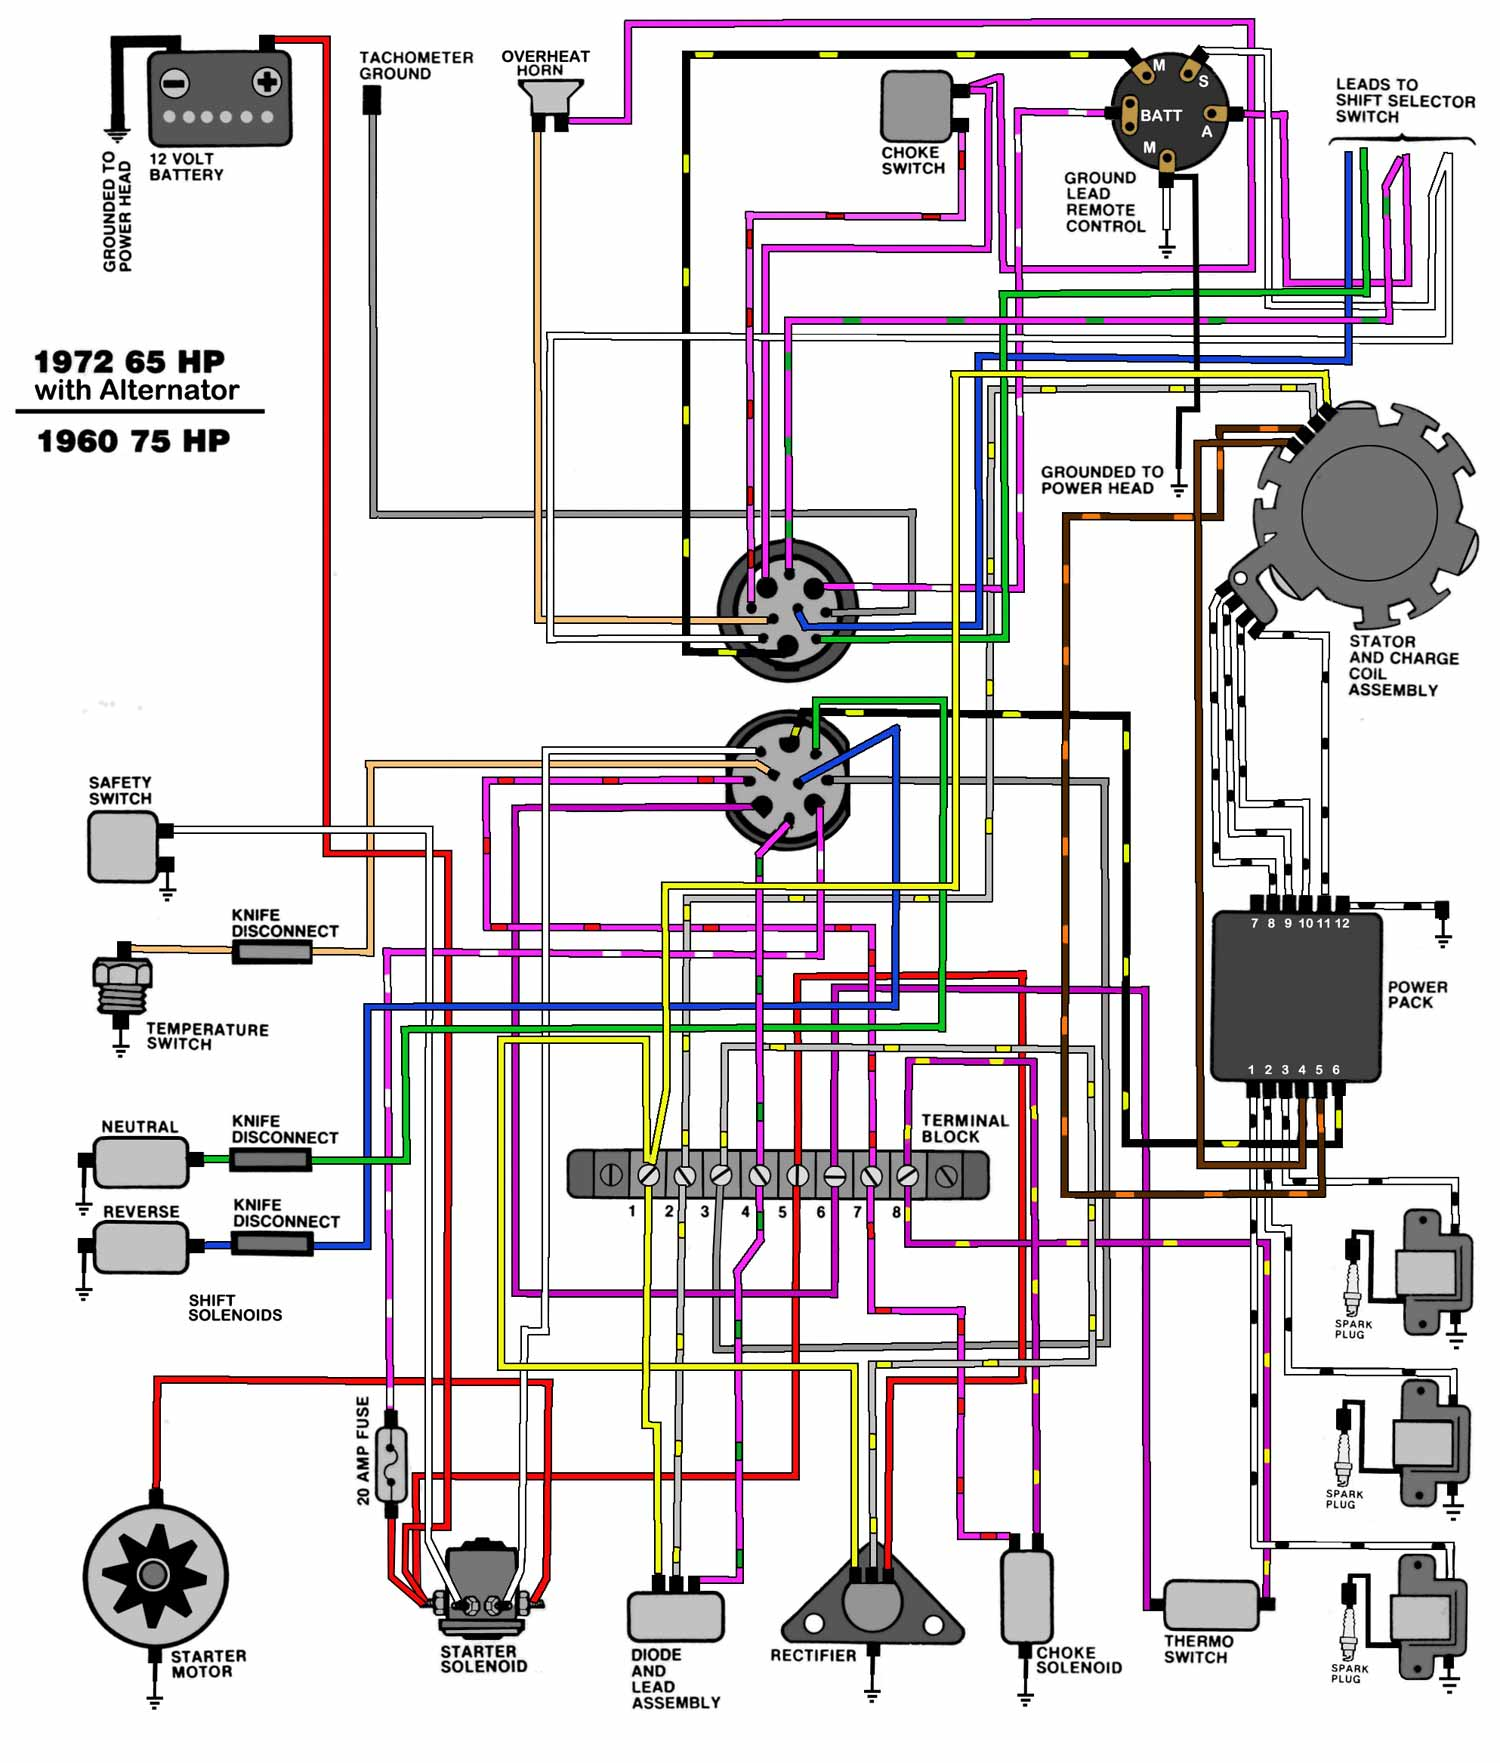 John deere d backhoe wiring diagram sj